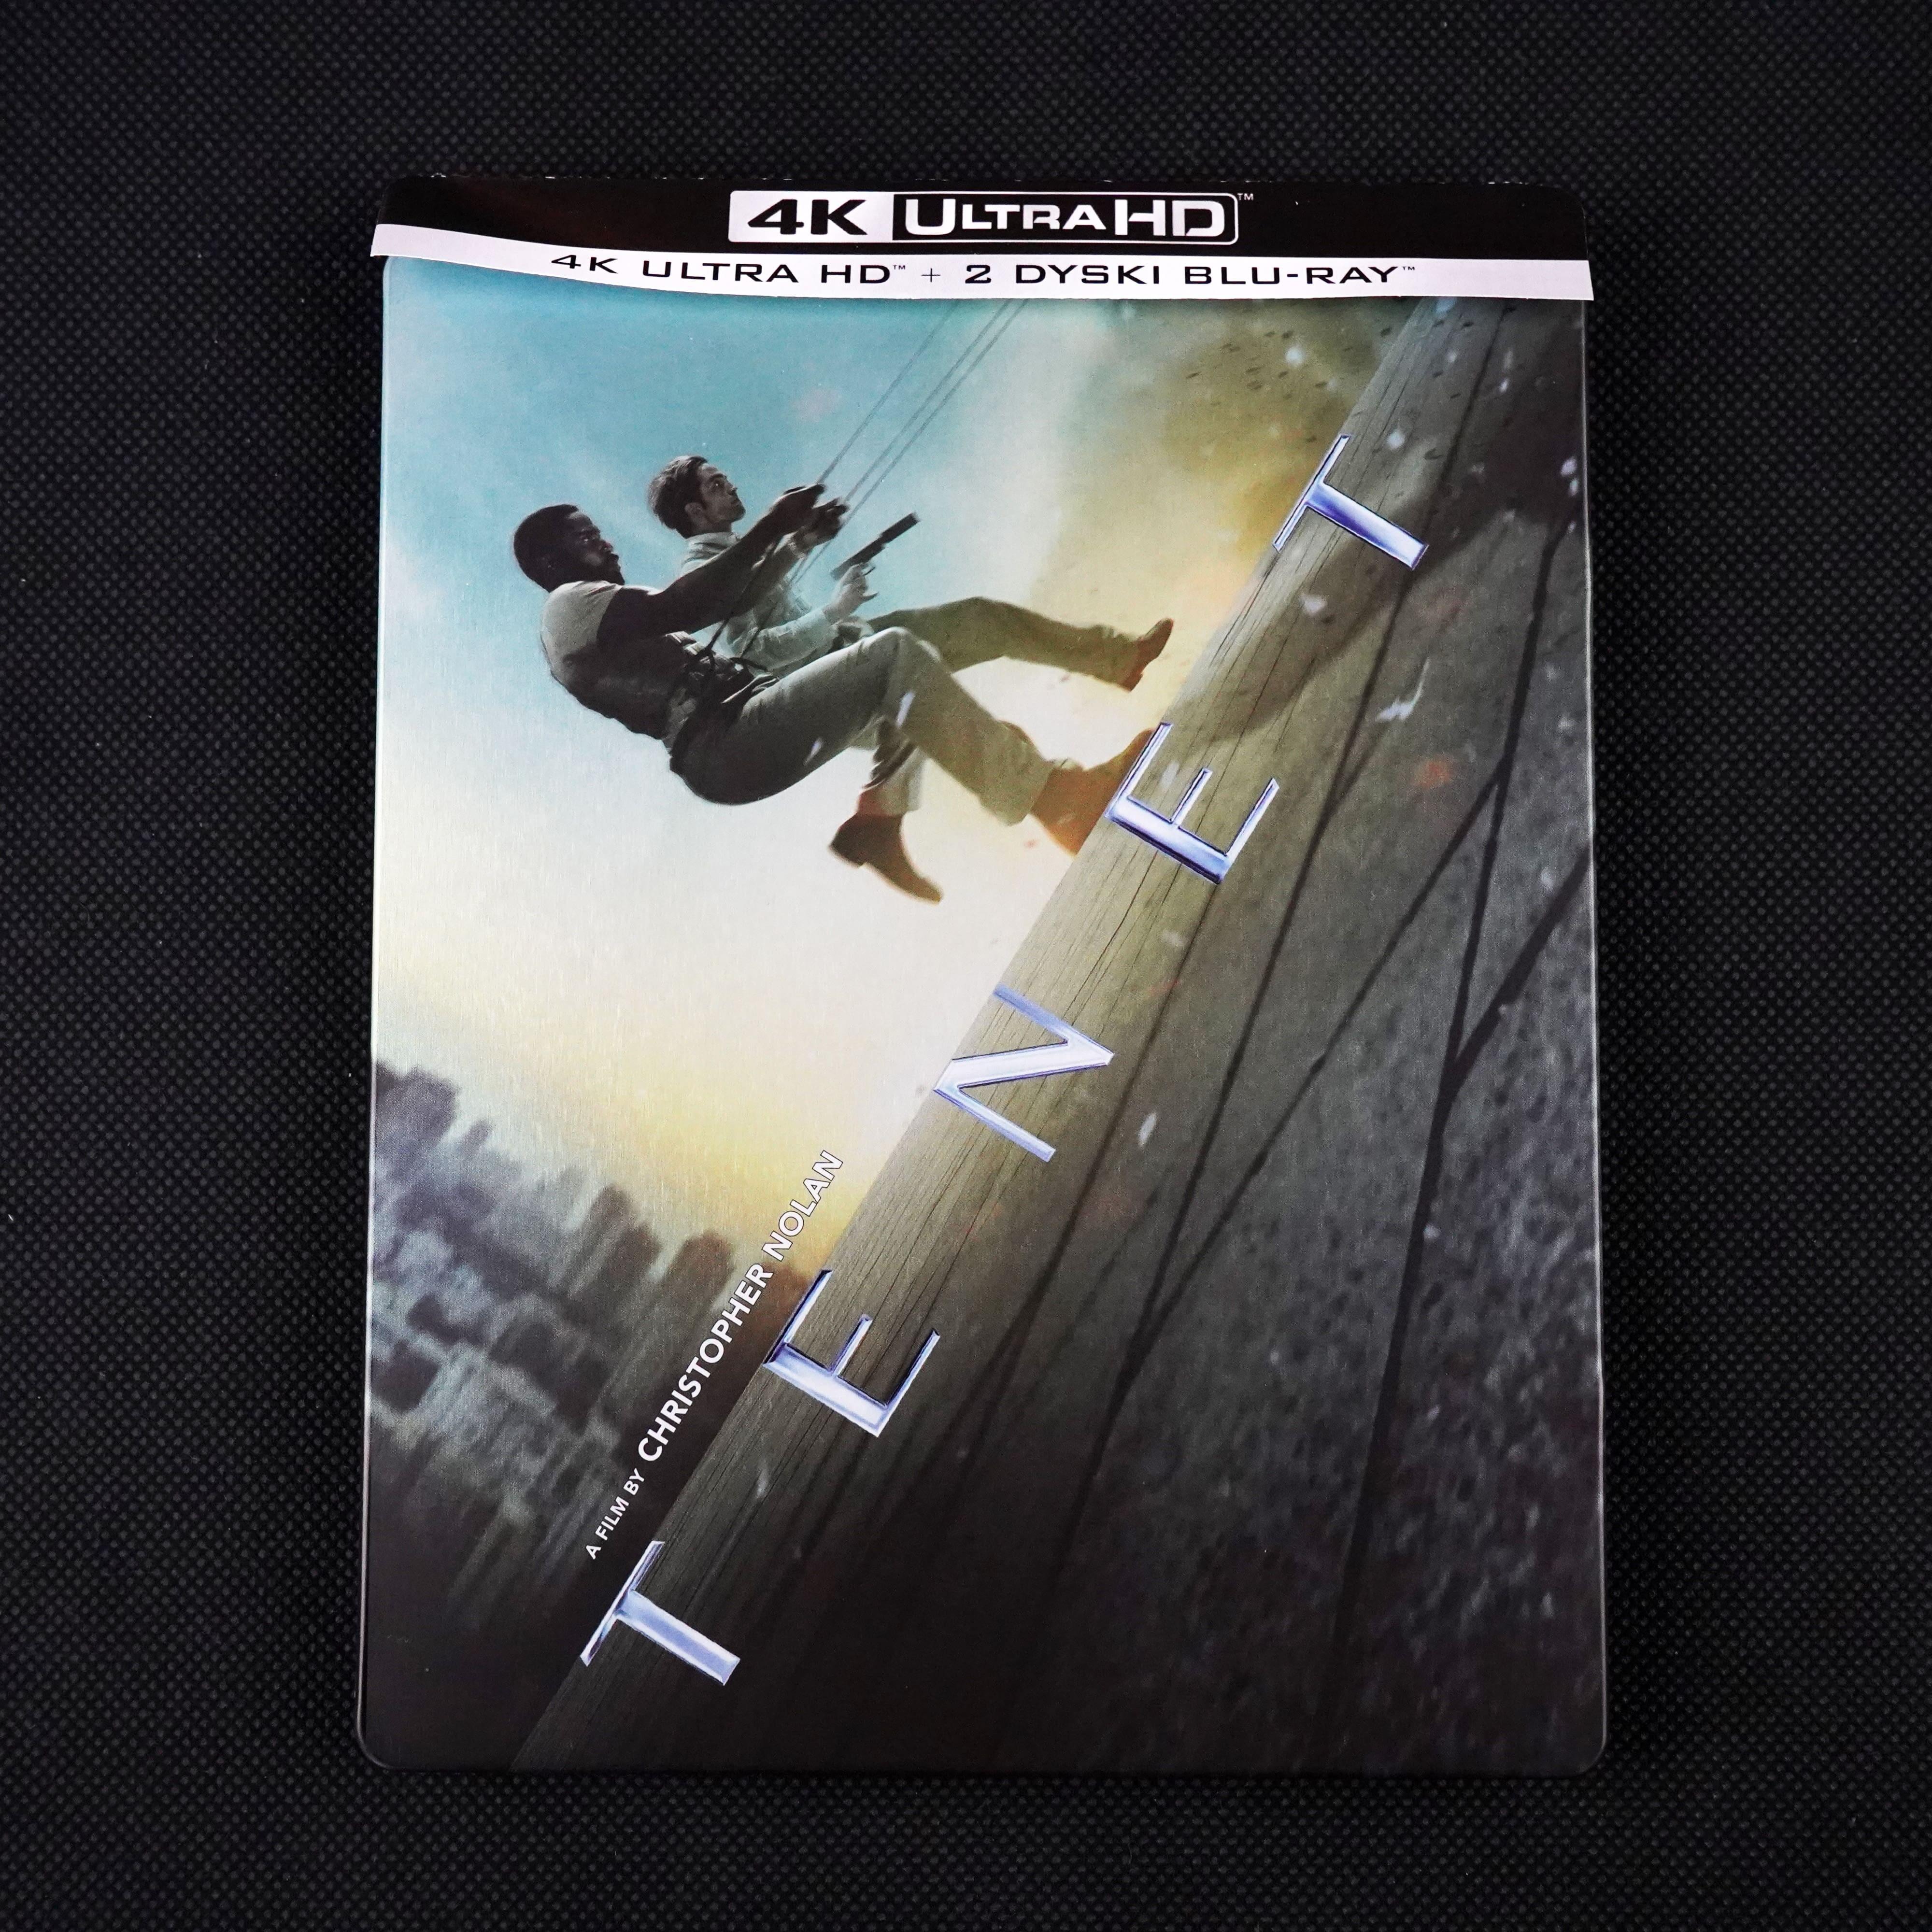 tenet-4k-uhd-steelbook (4)-min.jpg